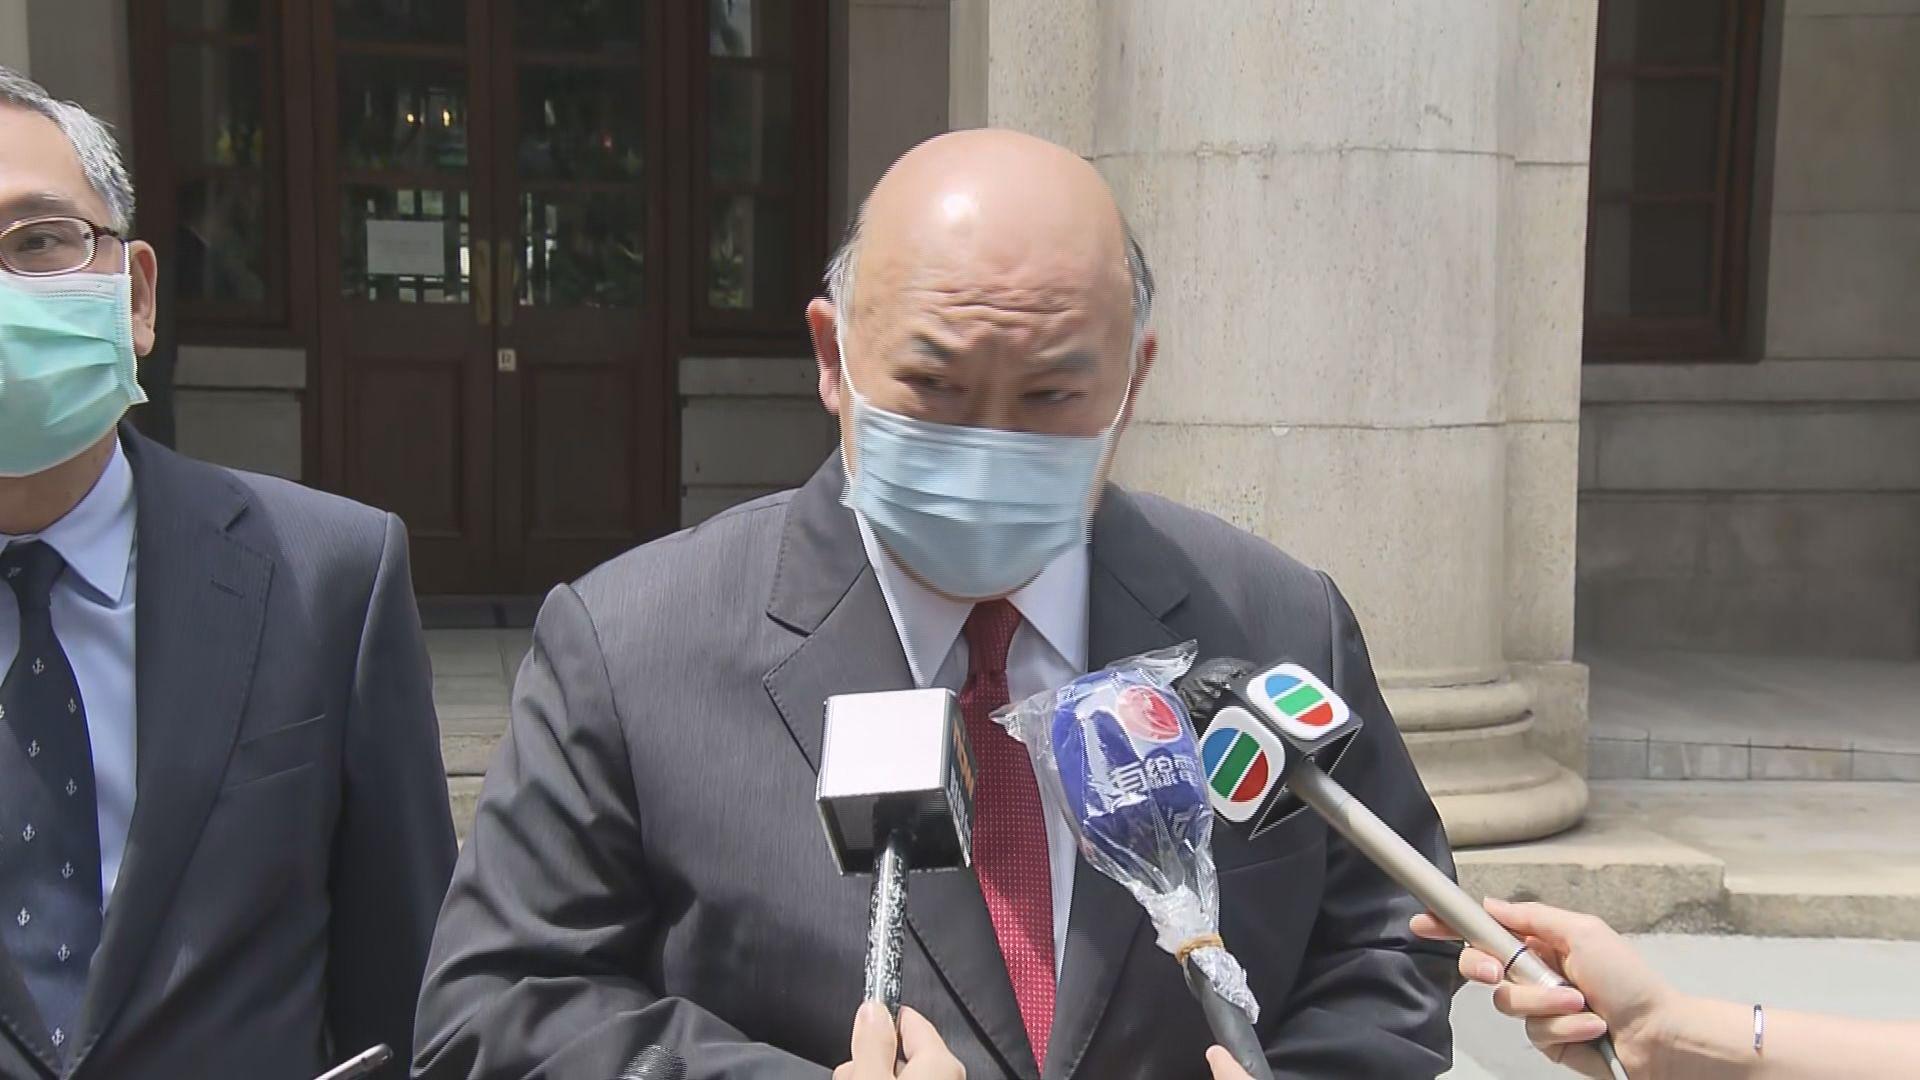 馬道立︰司法機構正研究如何應對疫情